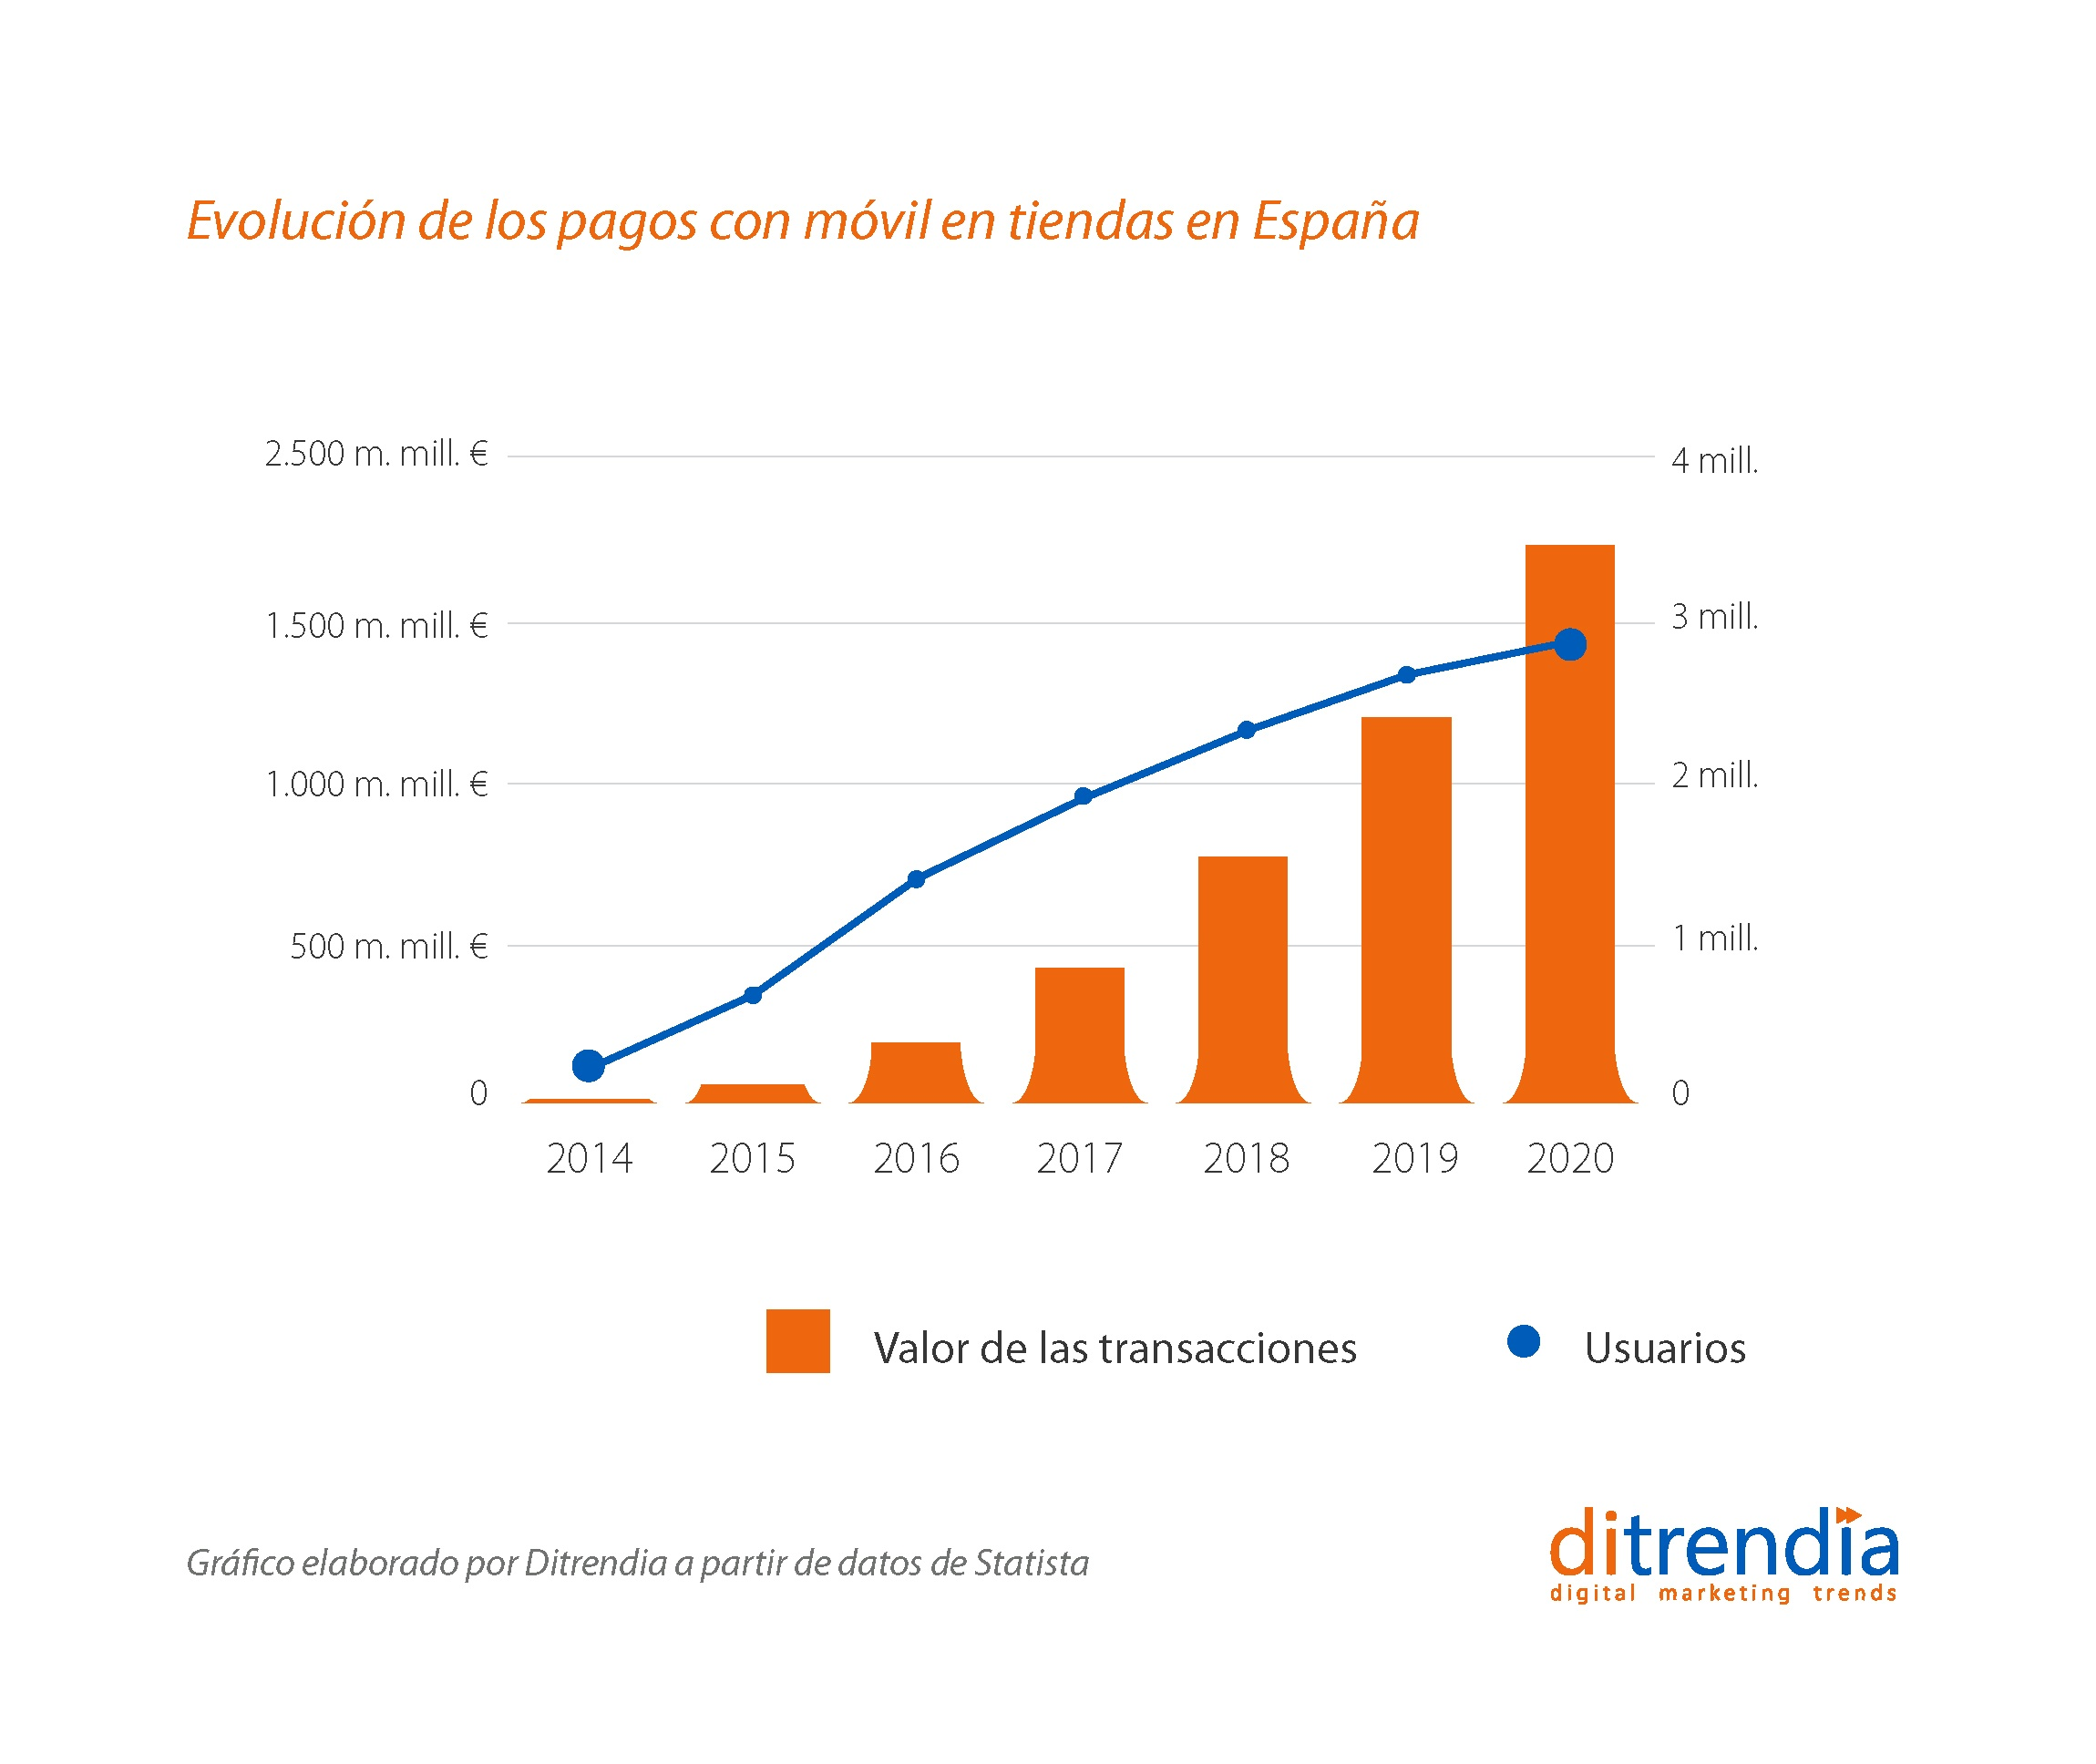 Evolución de los pagos móviles en tiendas en España